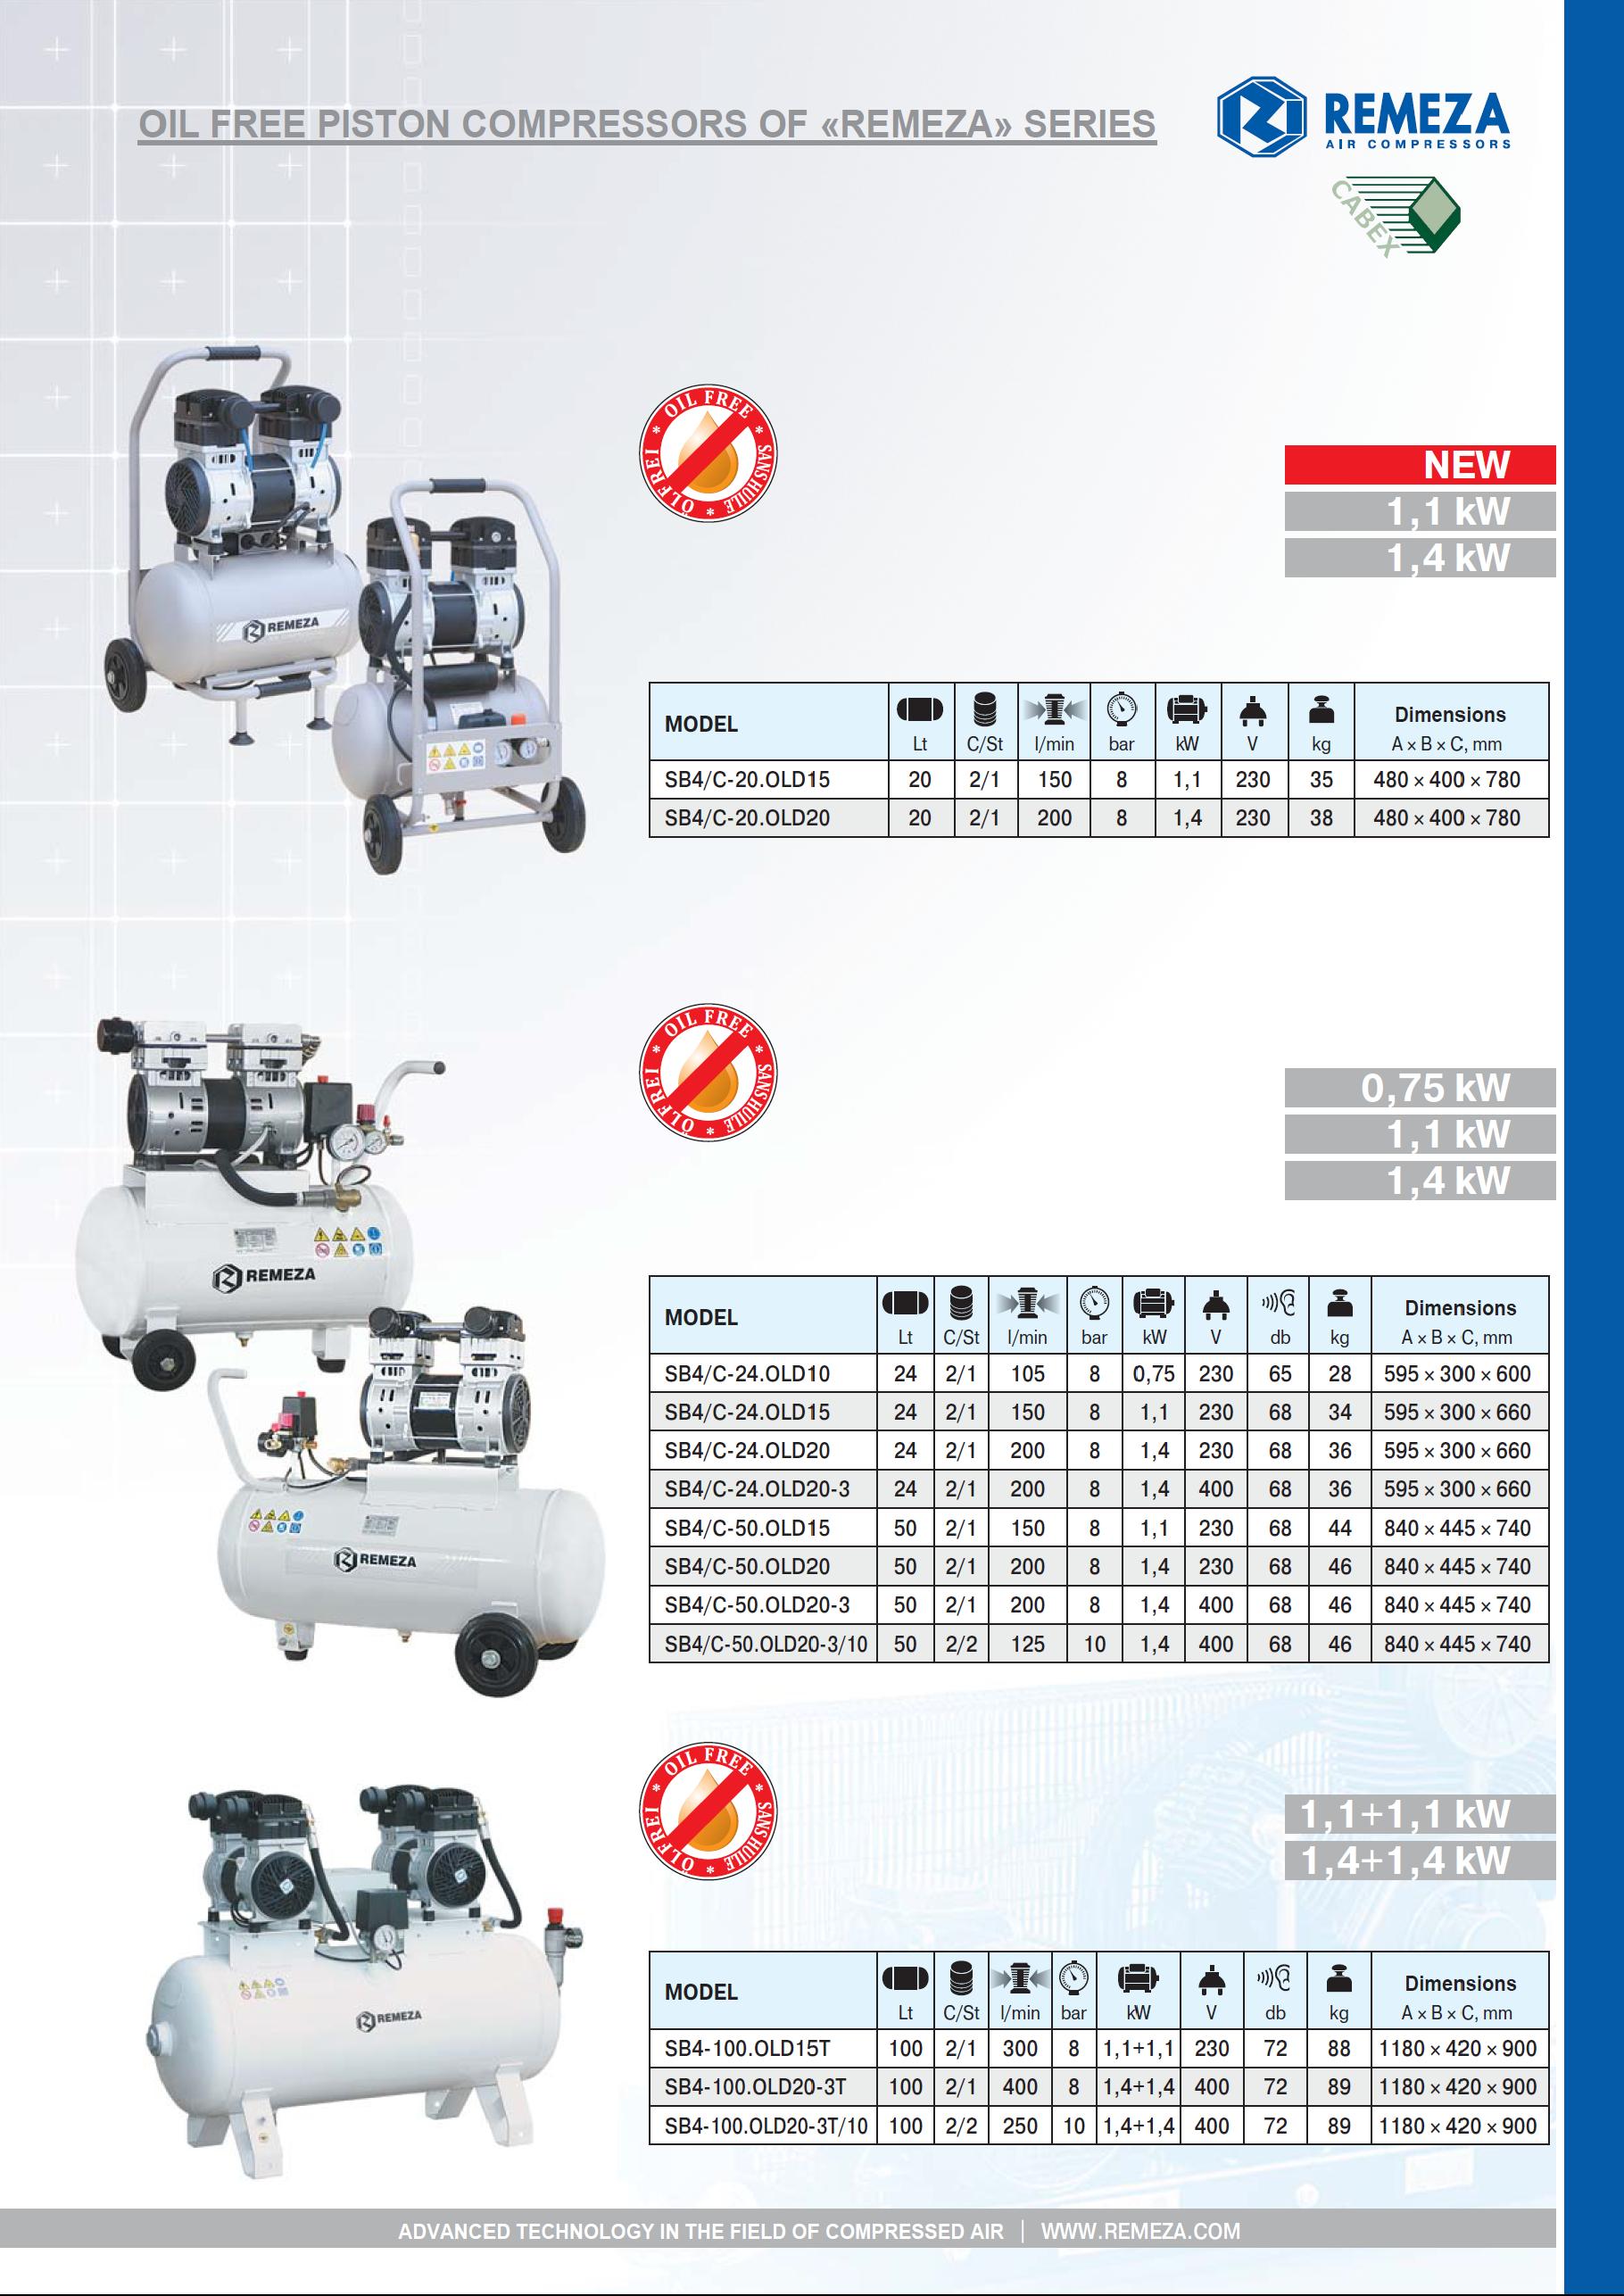 5_oil-free-piston-compressors-remeza-series_pag_1